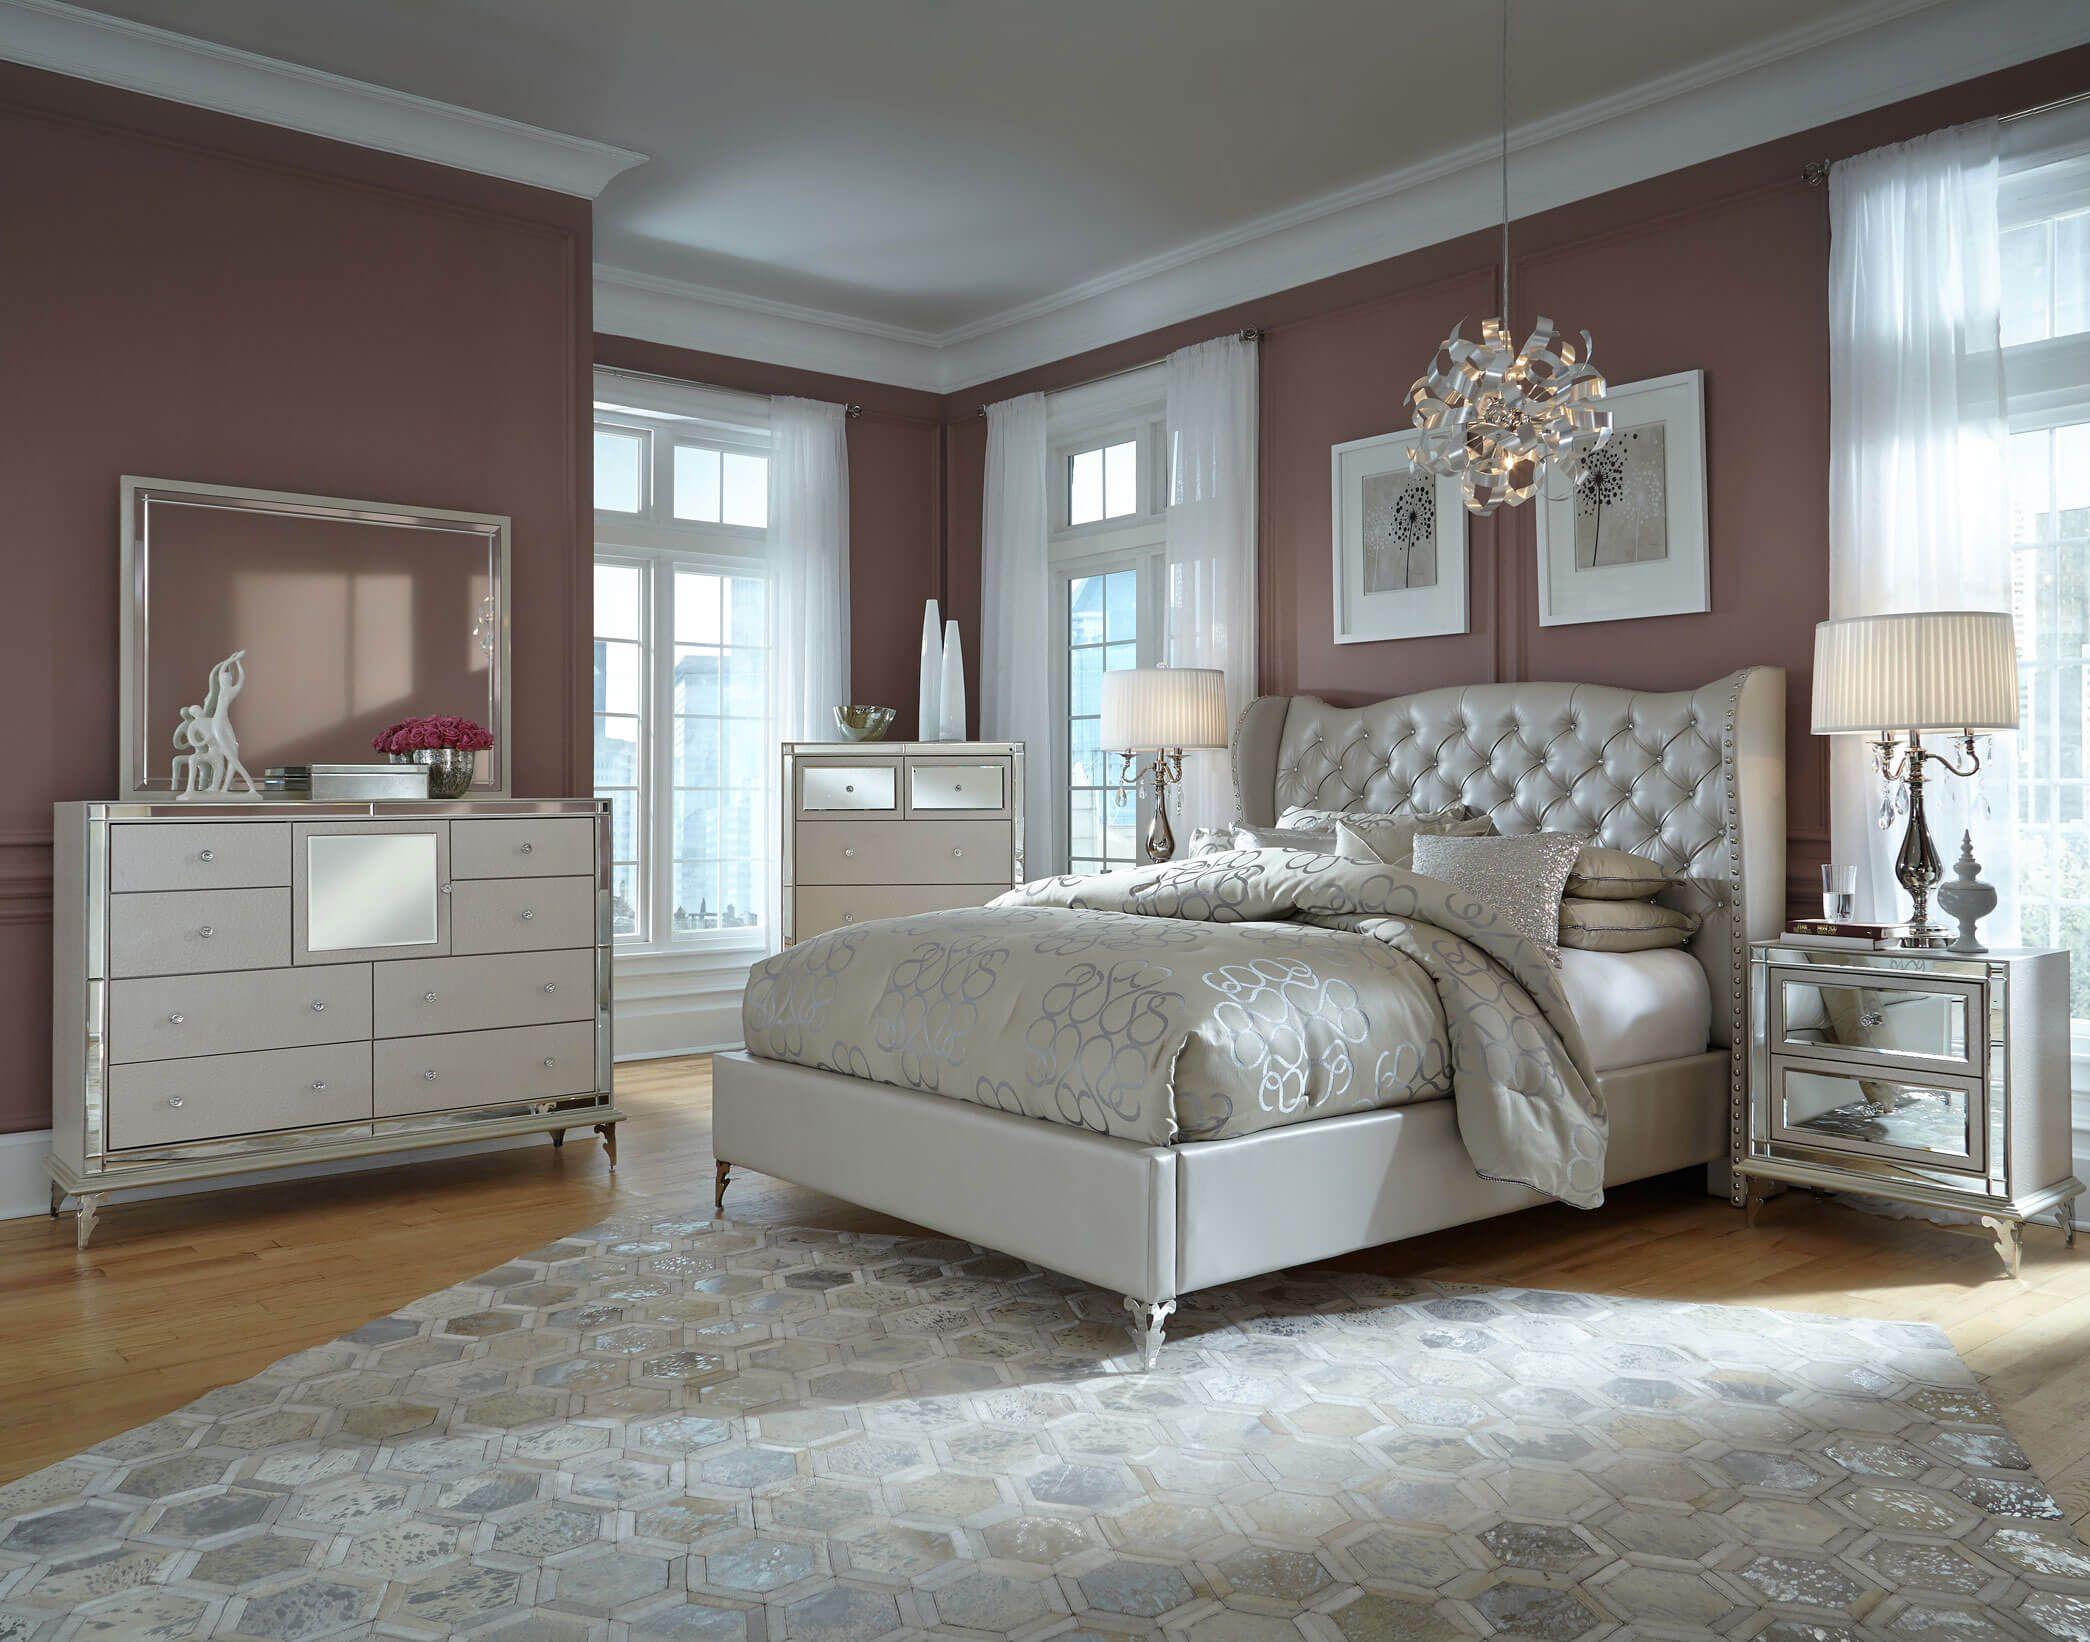 Upholstered Bedroom Sets JH Design | Renovation Ideas | Pinterest ...